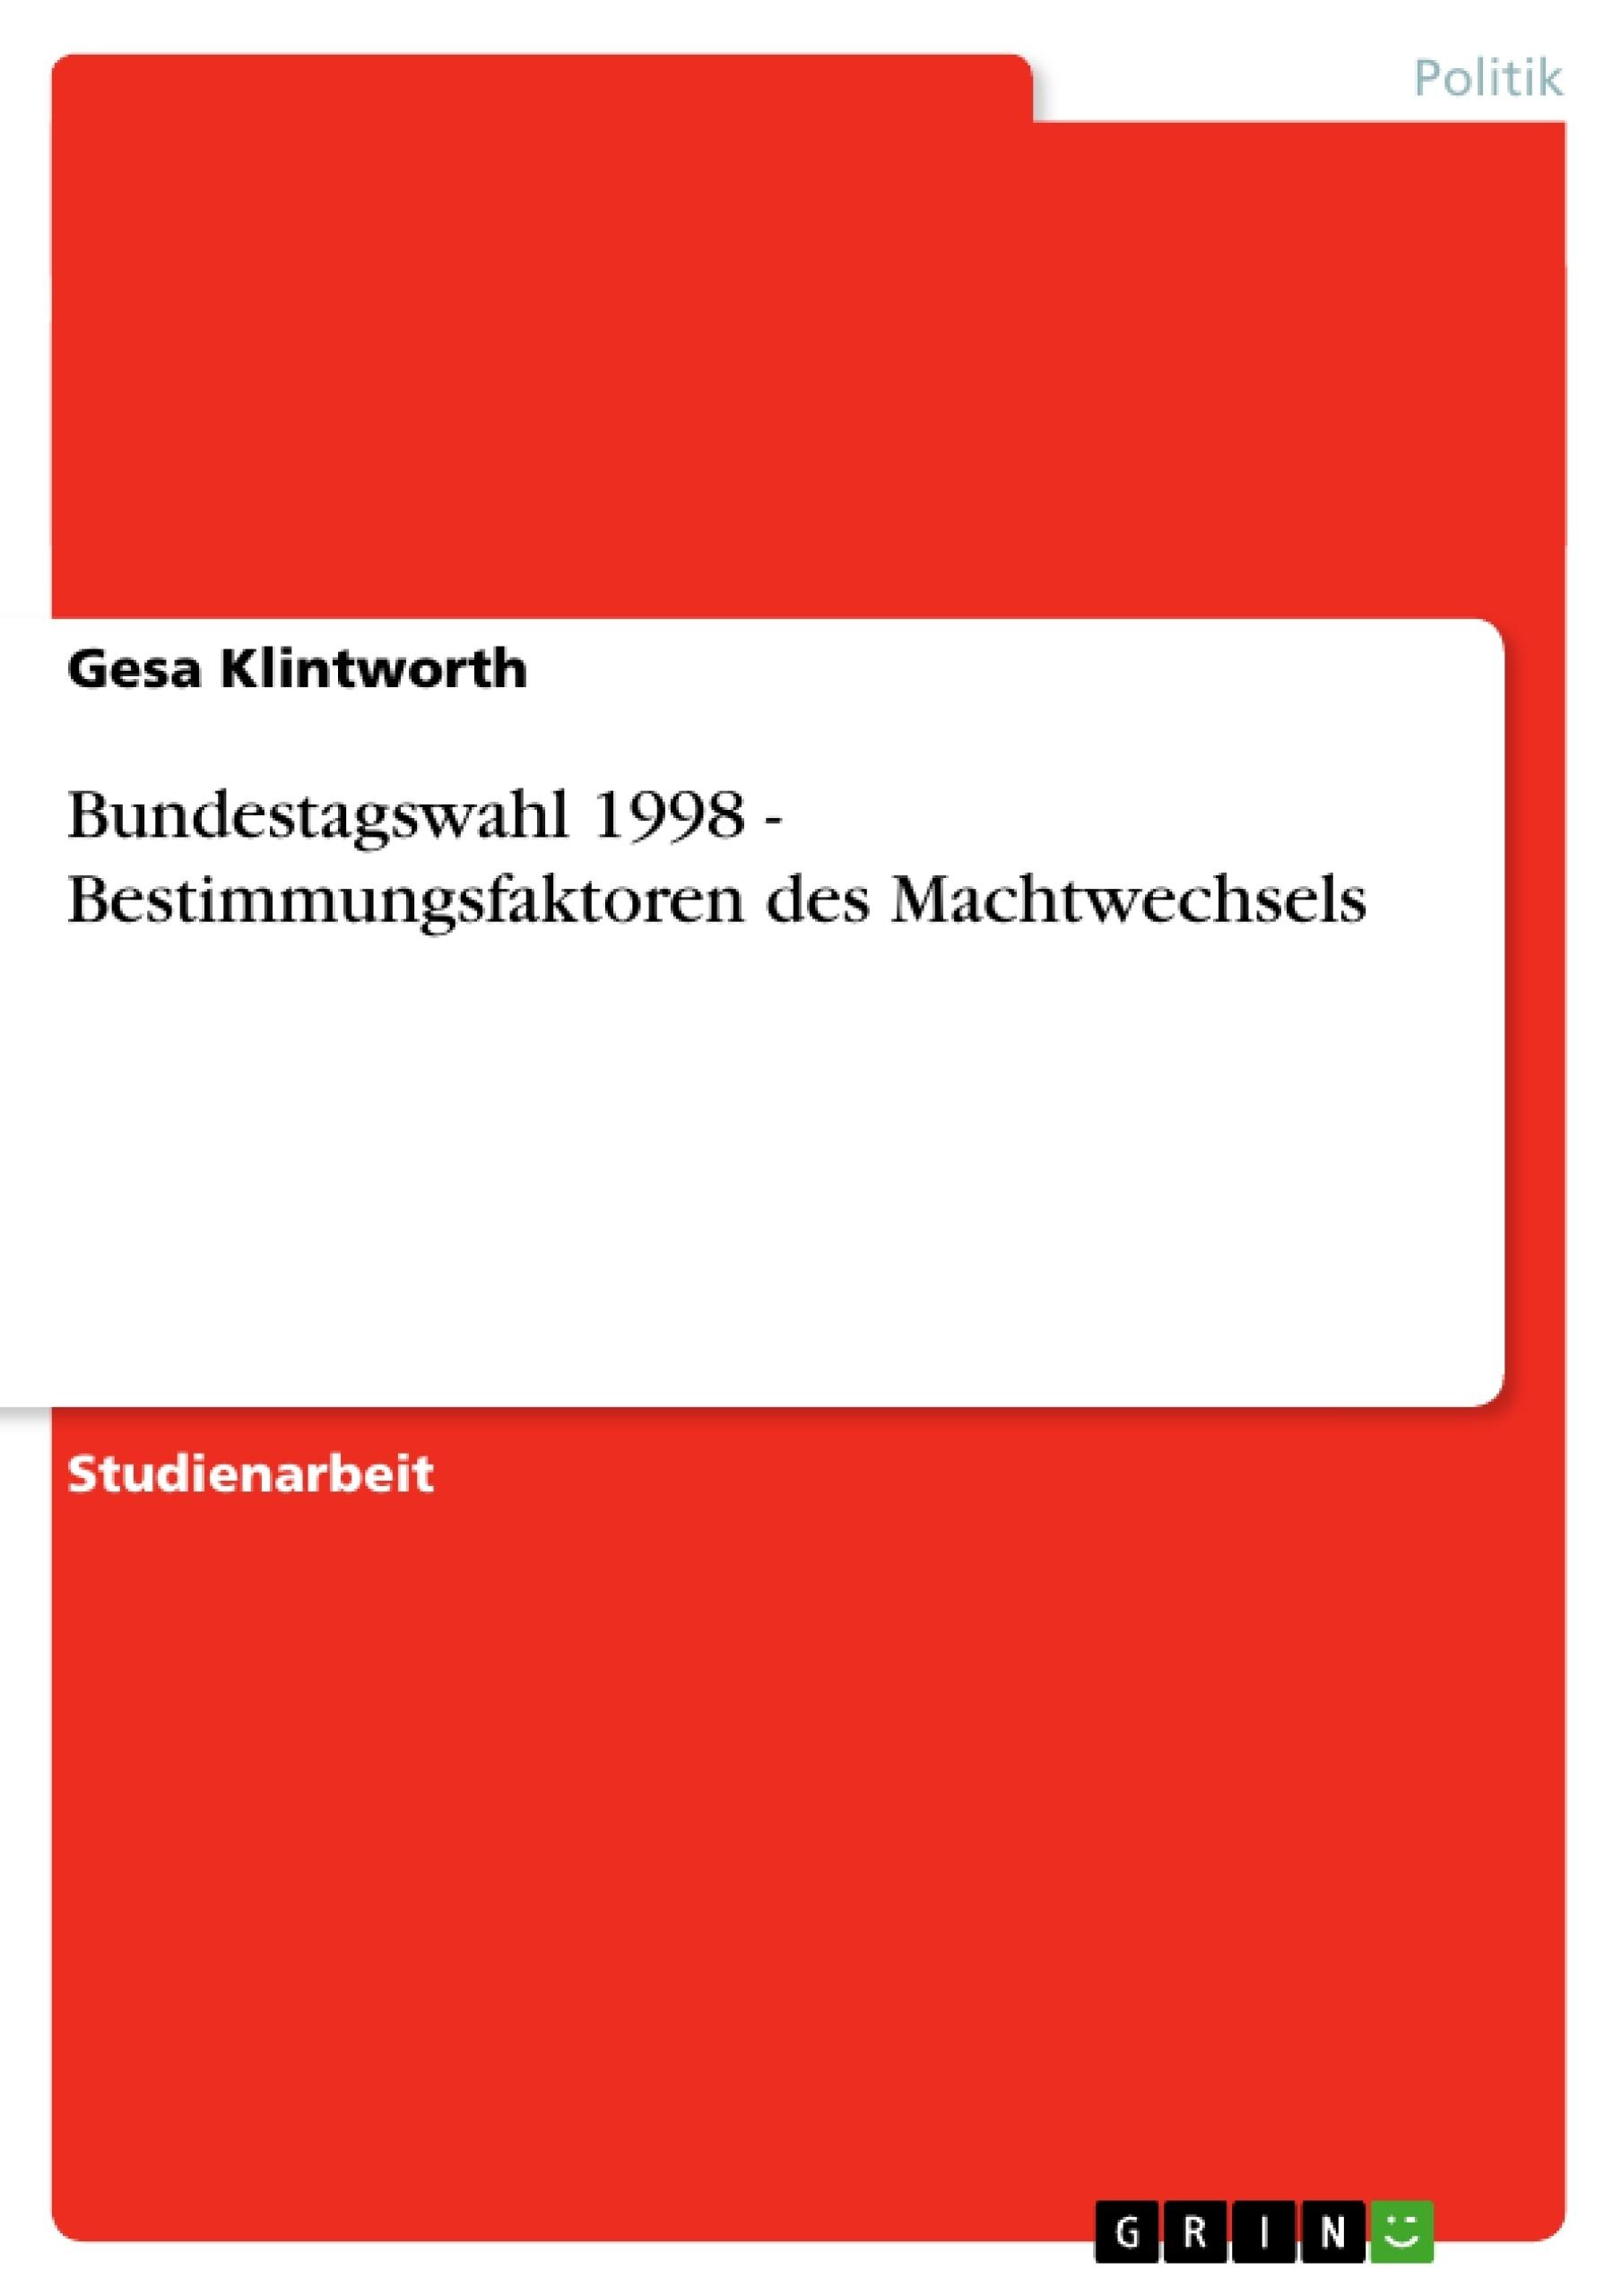 Titel: Bundestagswahl 1998 - Bestimmungsfaktoren des Machtwechsels